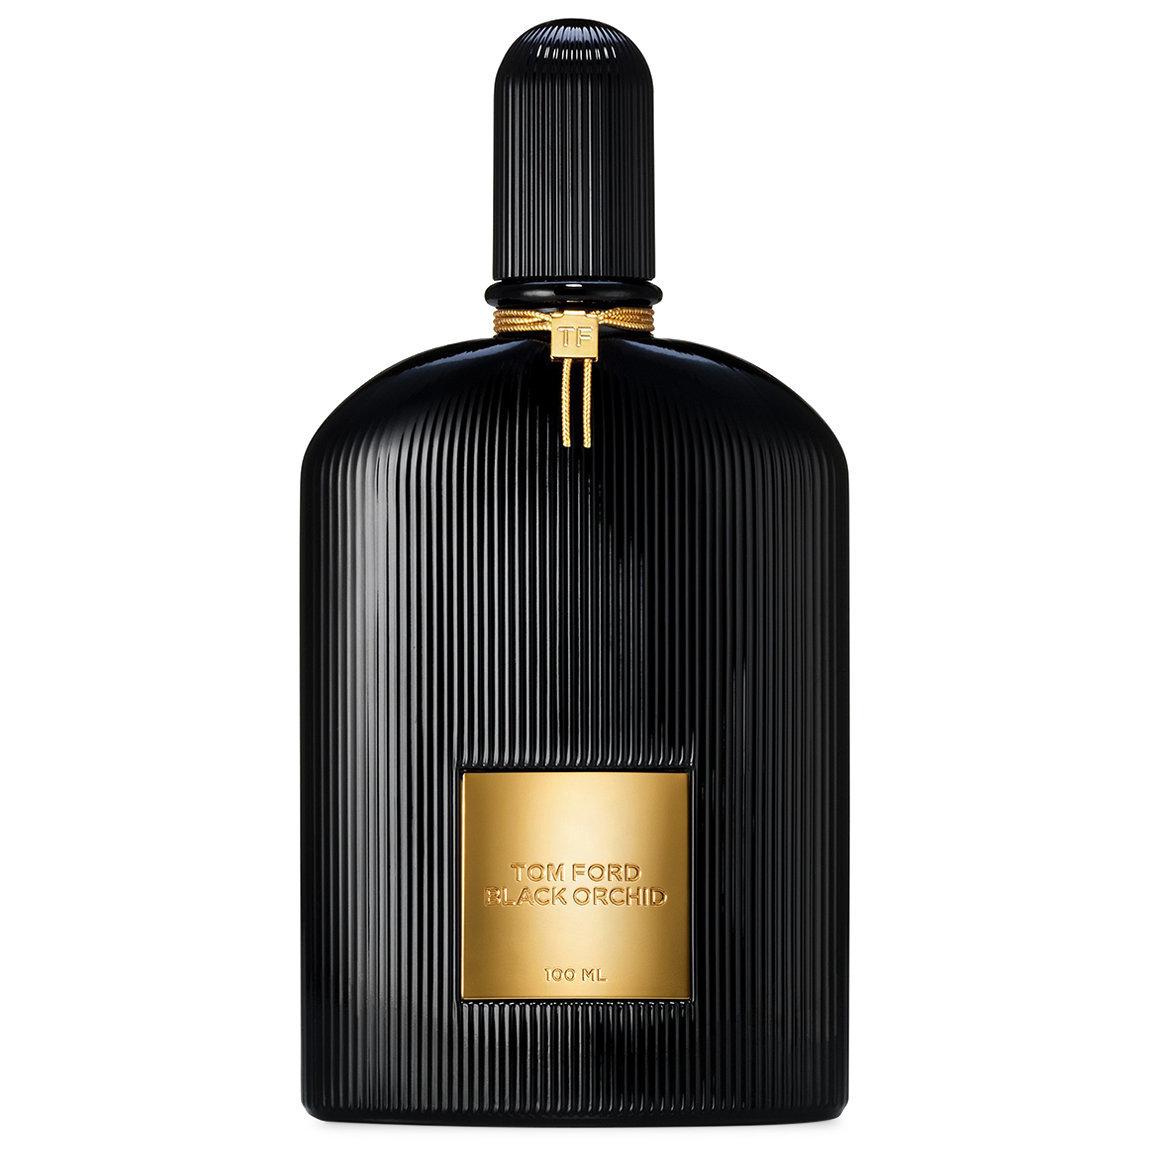 TOM FORD Black Orchid Eau de Parfum 100 ml alternative view 1 - product swatch.